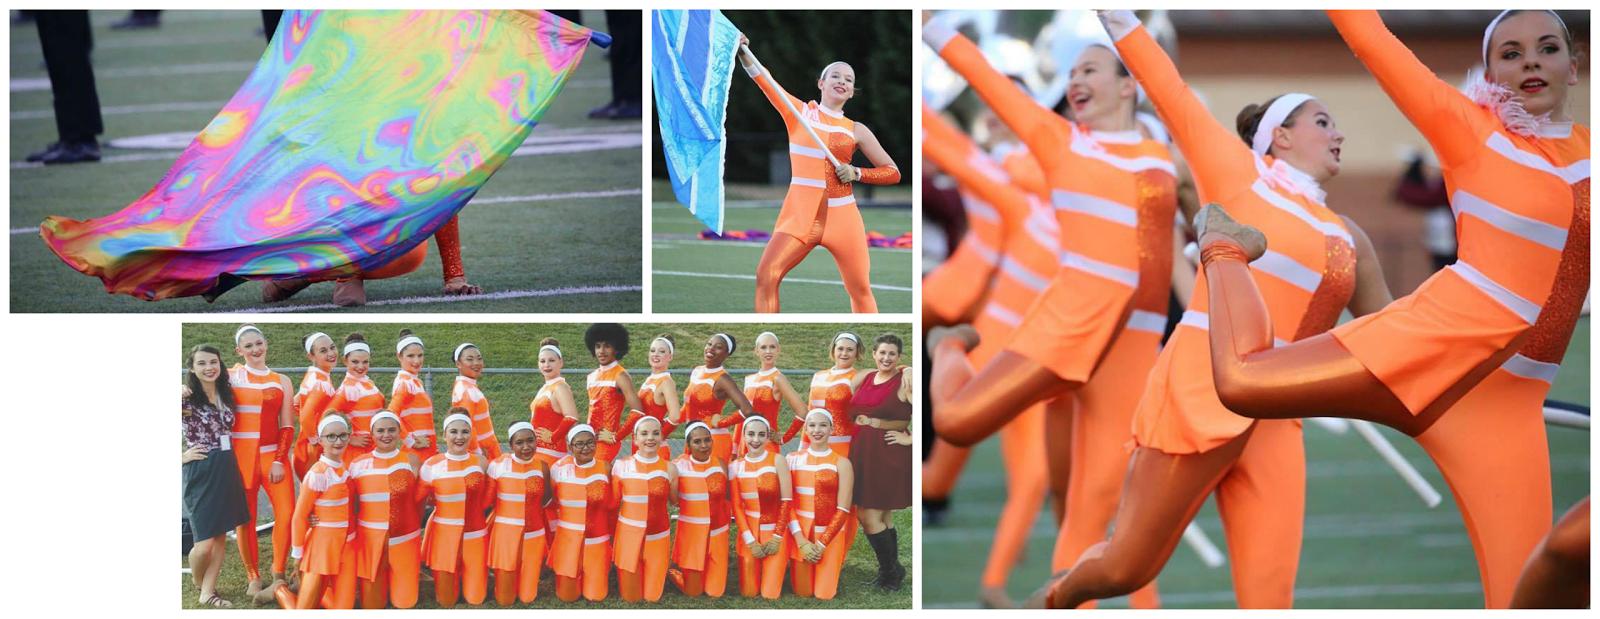 #BandShoppeLove Oak Ridge HS Color Guard